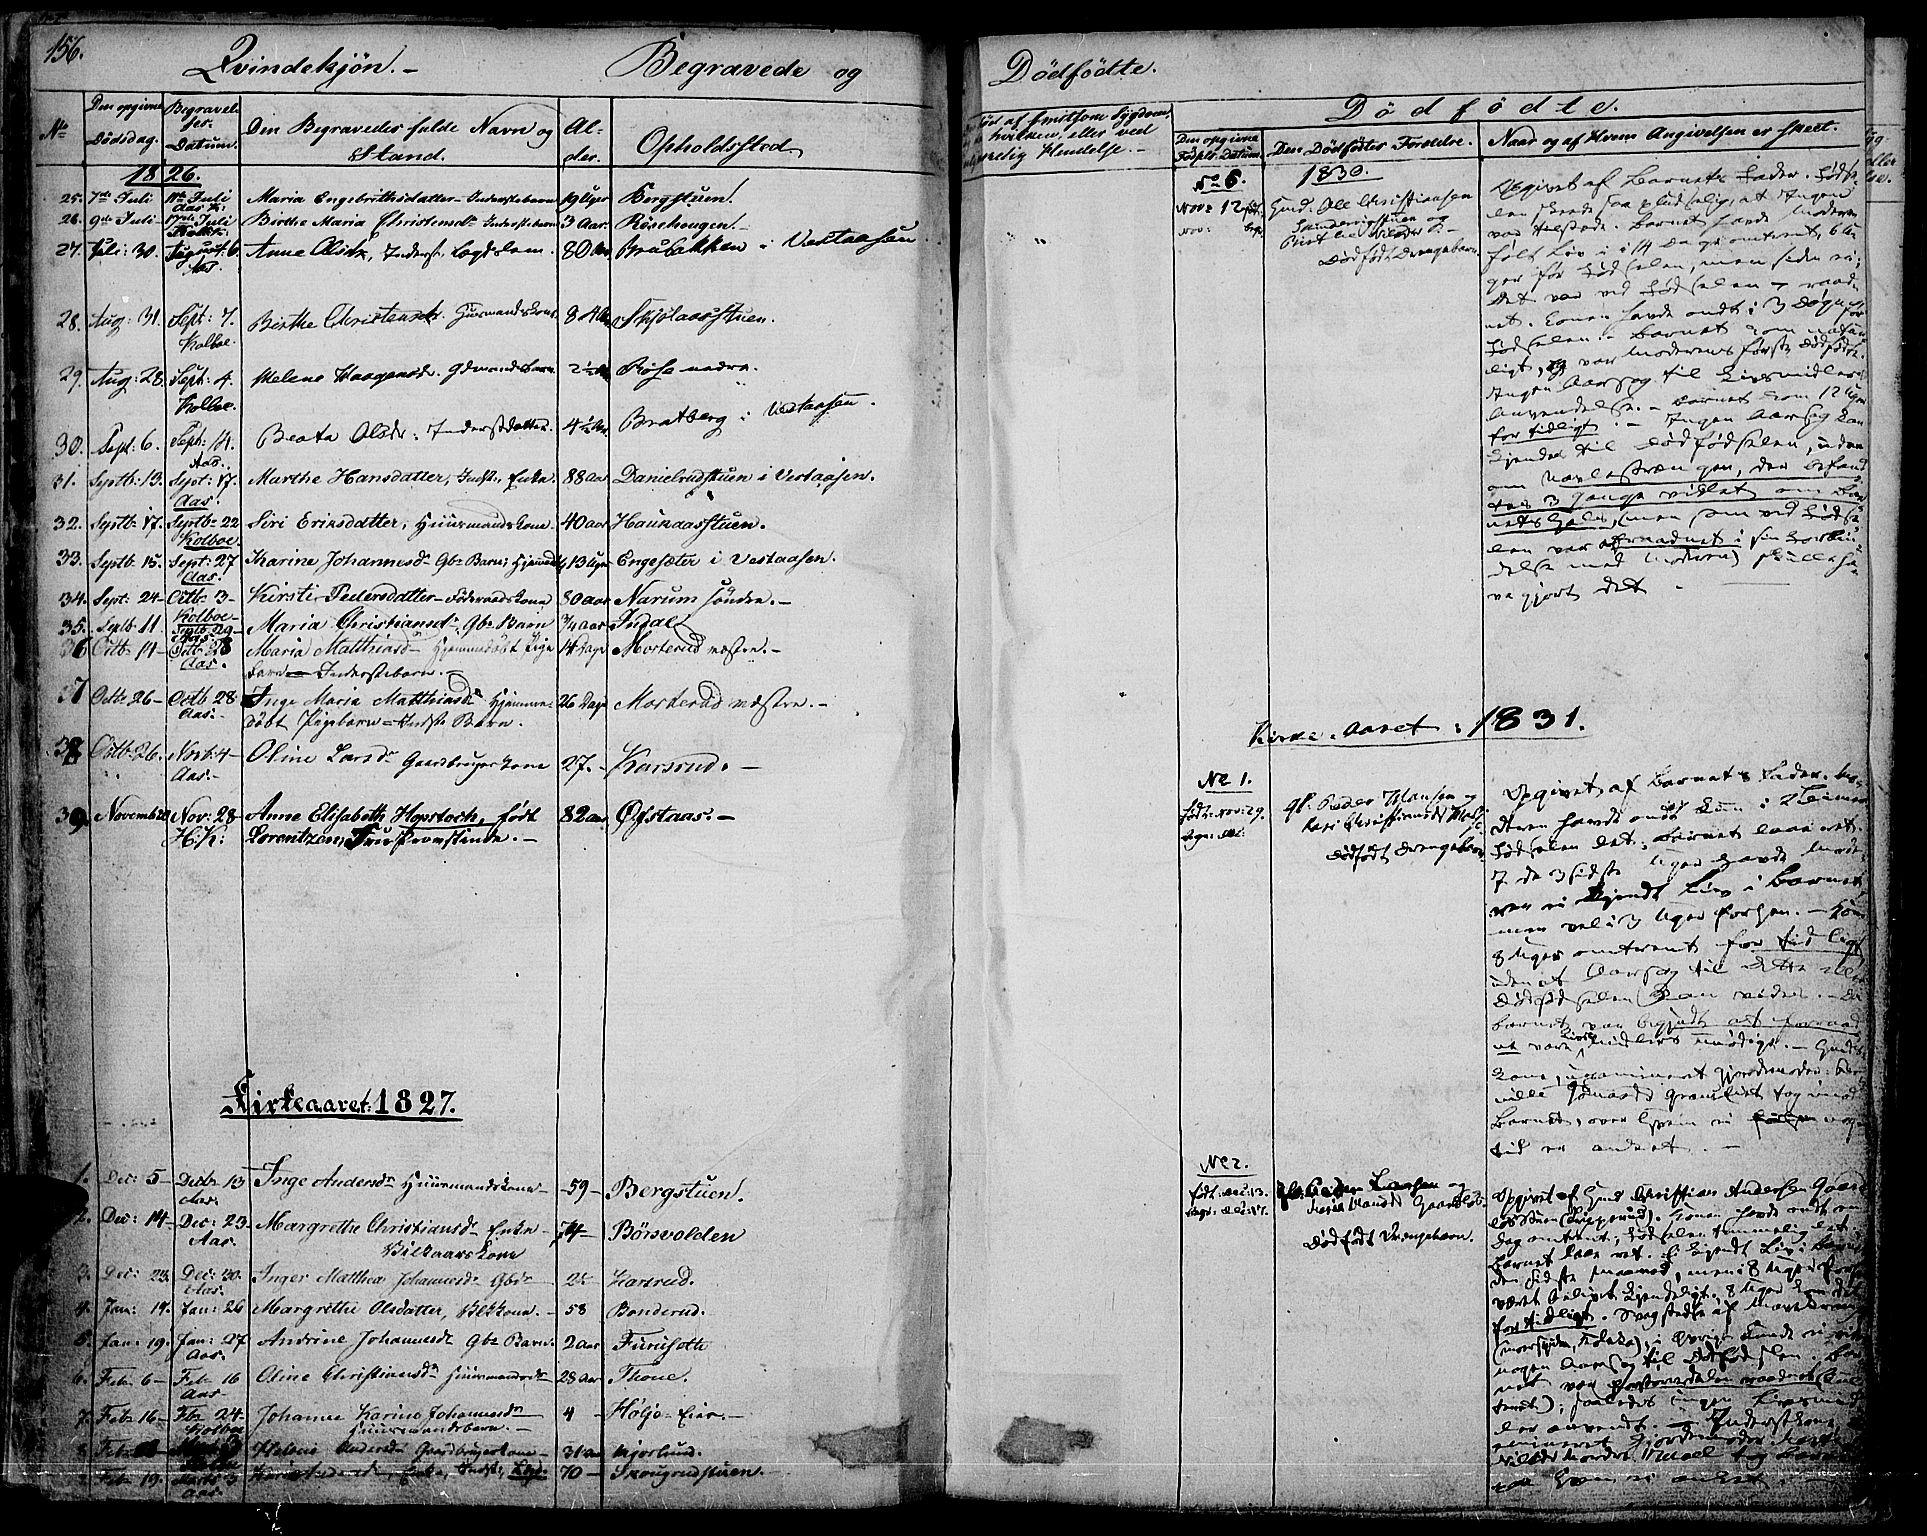 SAH, Vestre Toten prestekontor, Ministerialbok nr. 2, 1825-1837, s. 156